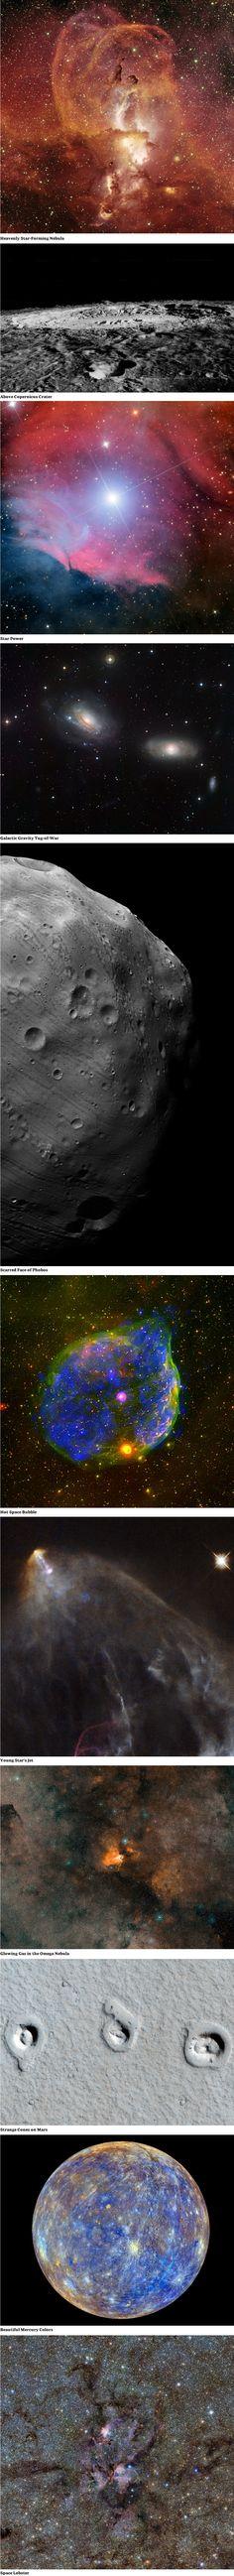 NASA Images via Wired.Com